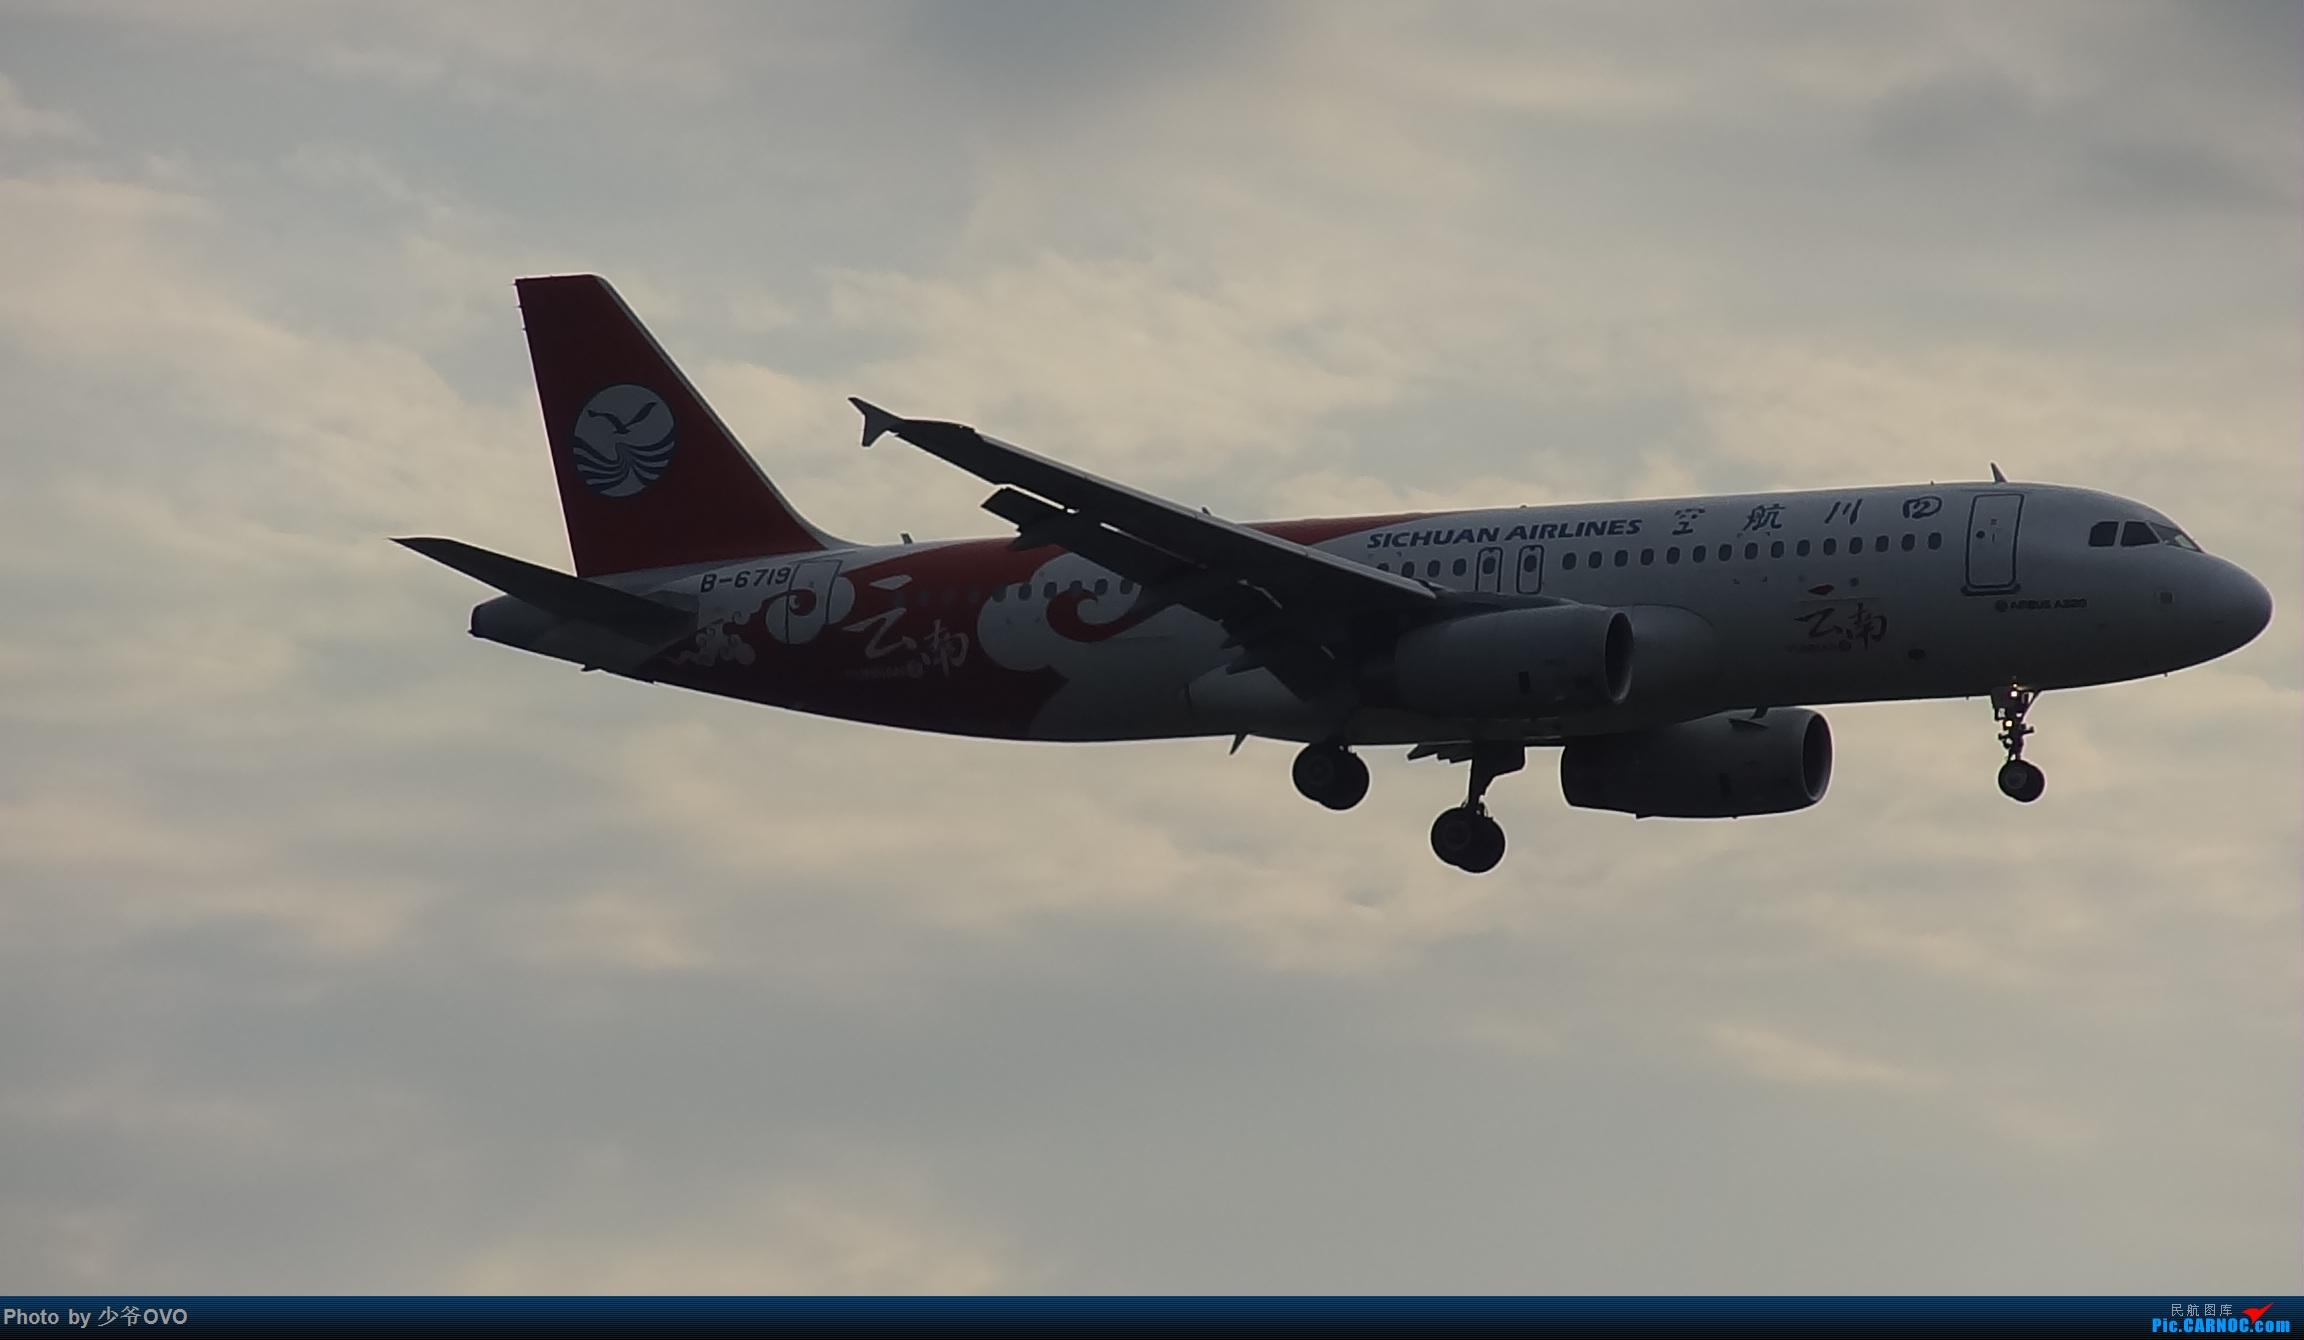 Re:[原创]CKG拍机,数码机最后的倔强 AIRBUS A320-200 B-6719 中国重庆江北国际机场